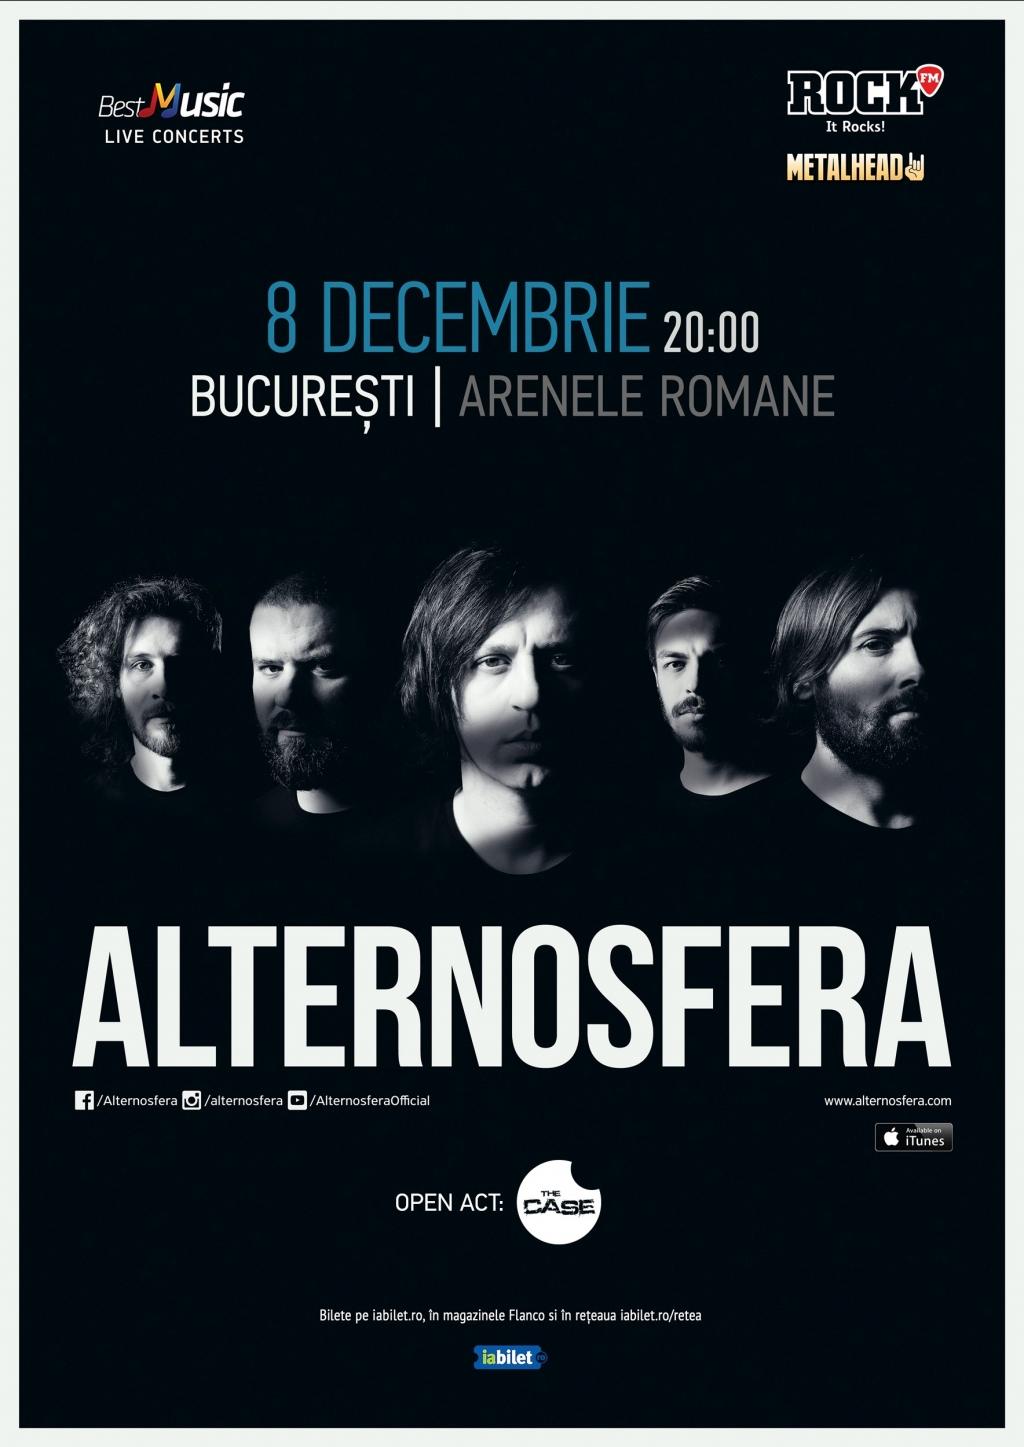 The Case canta alaturi de Alternosfera pe 8 decembrie la Arenele Romane